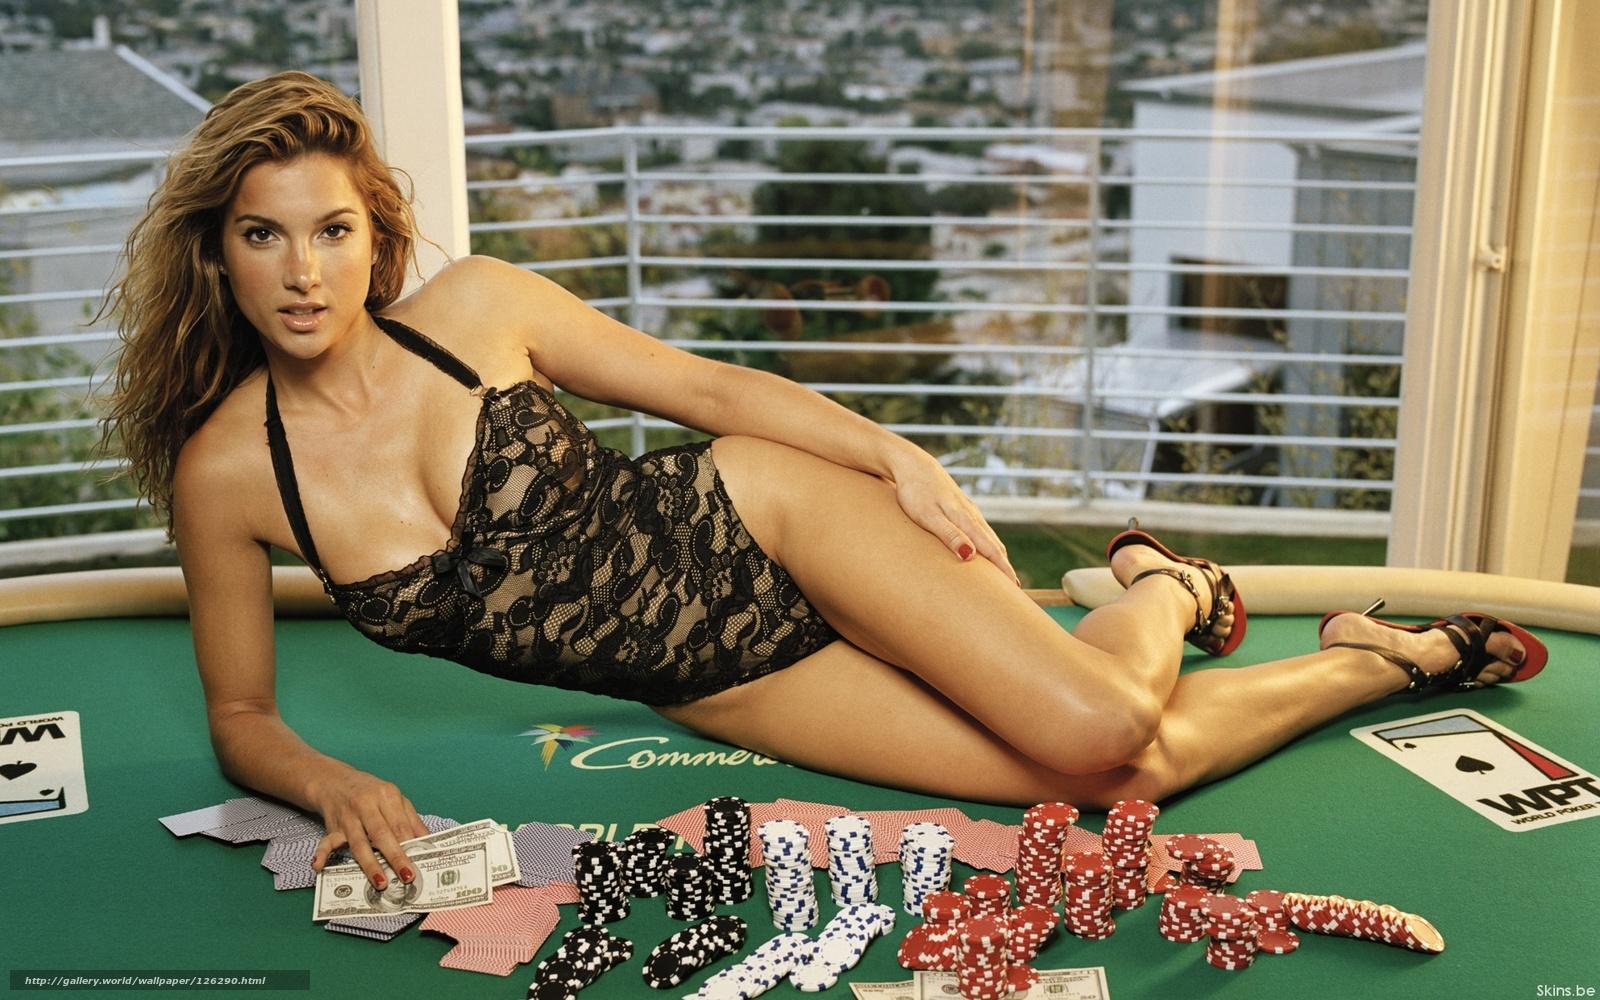 Фото девушки в казино 15 фотография